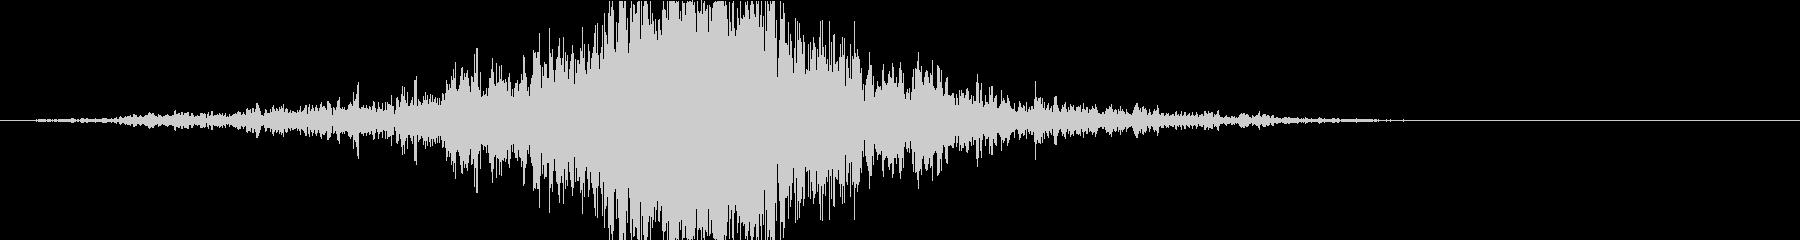 ドラマティックなリバース音34-02の未再生の波形